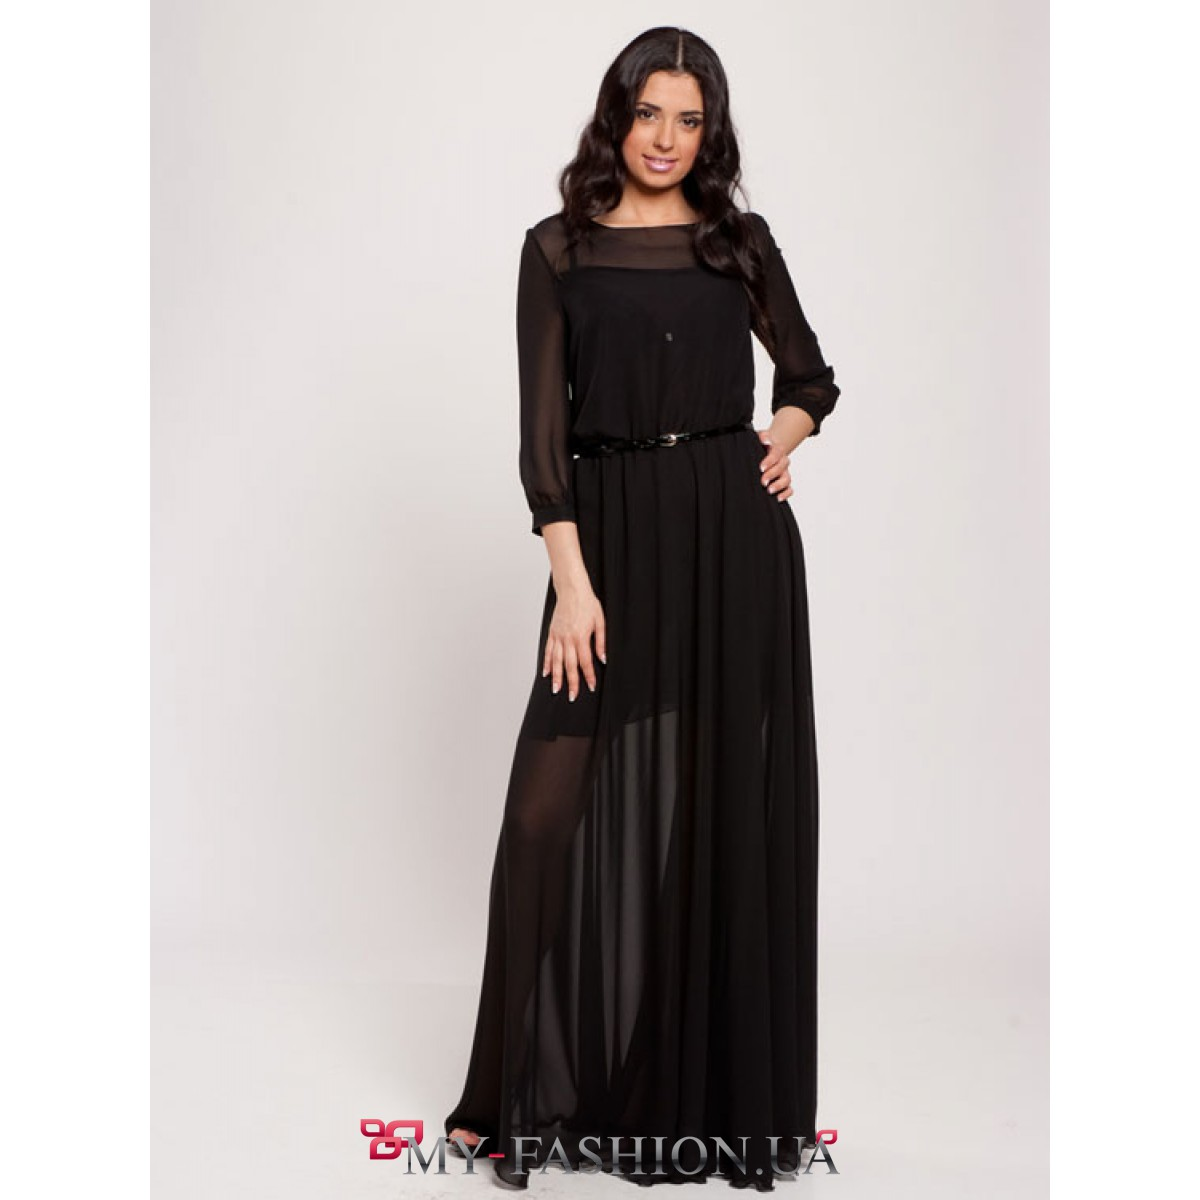 ac5b0b472c3 Чудесное черное шифоновое платье в пол купить в Киеве